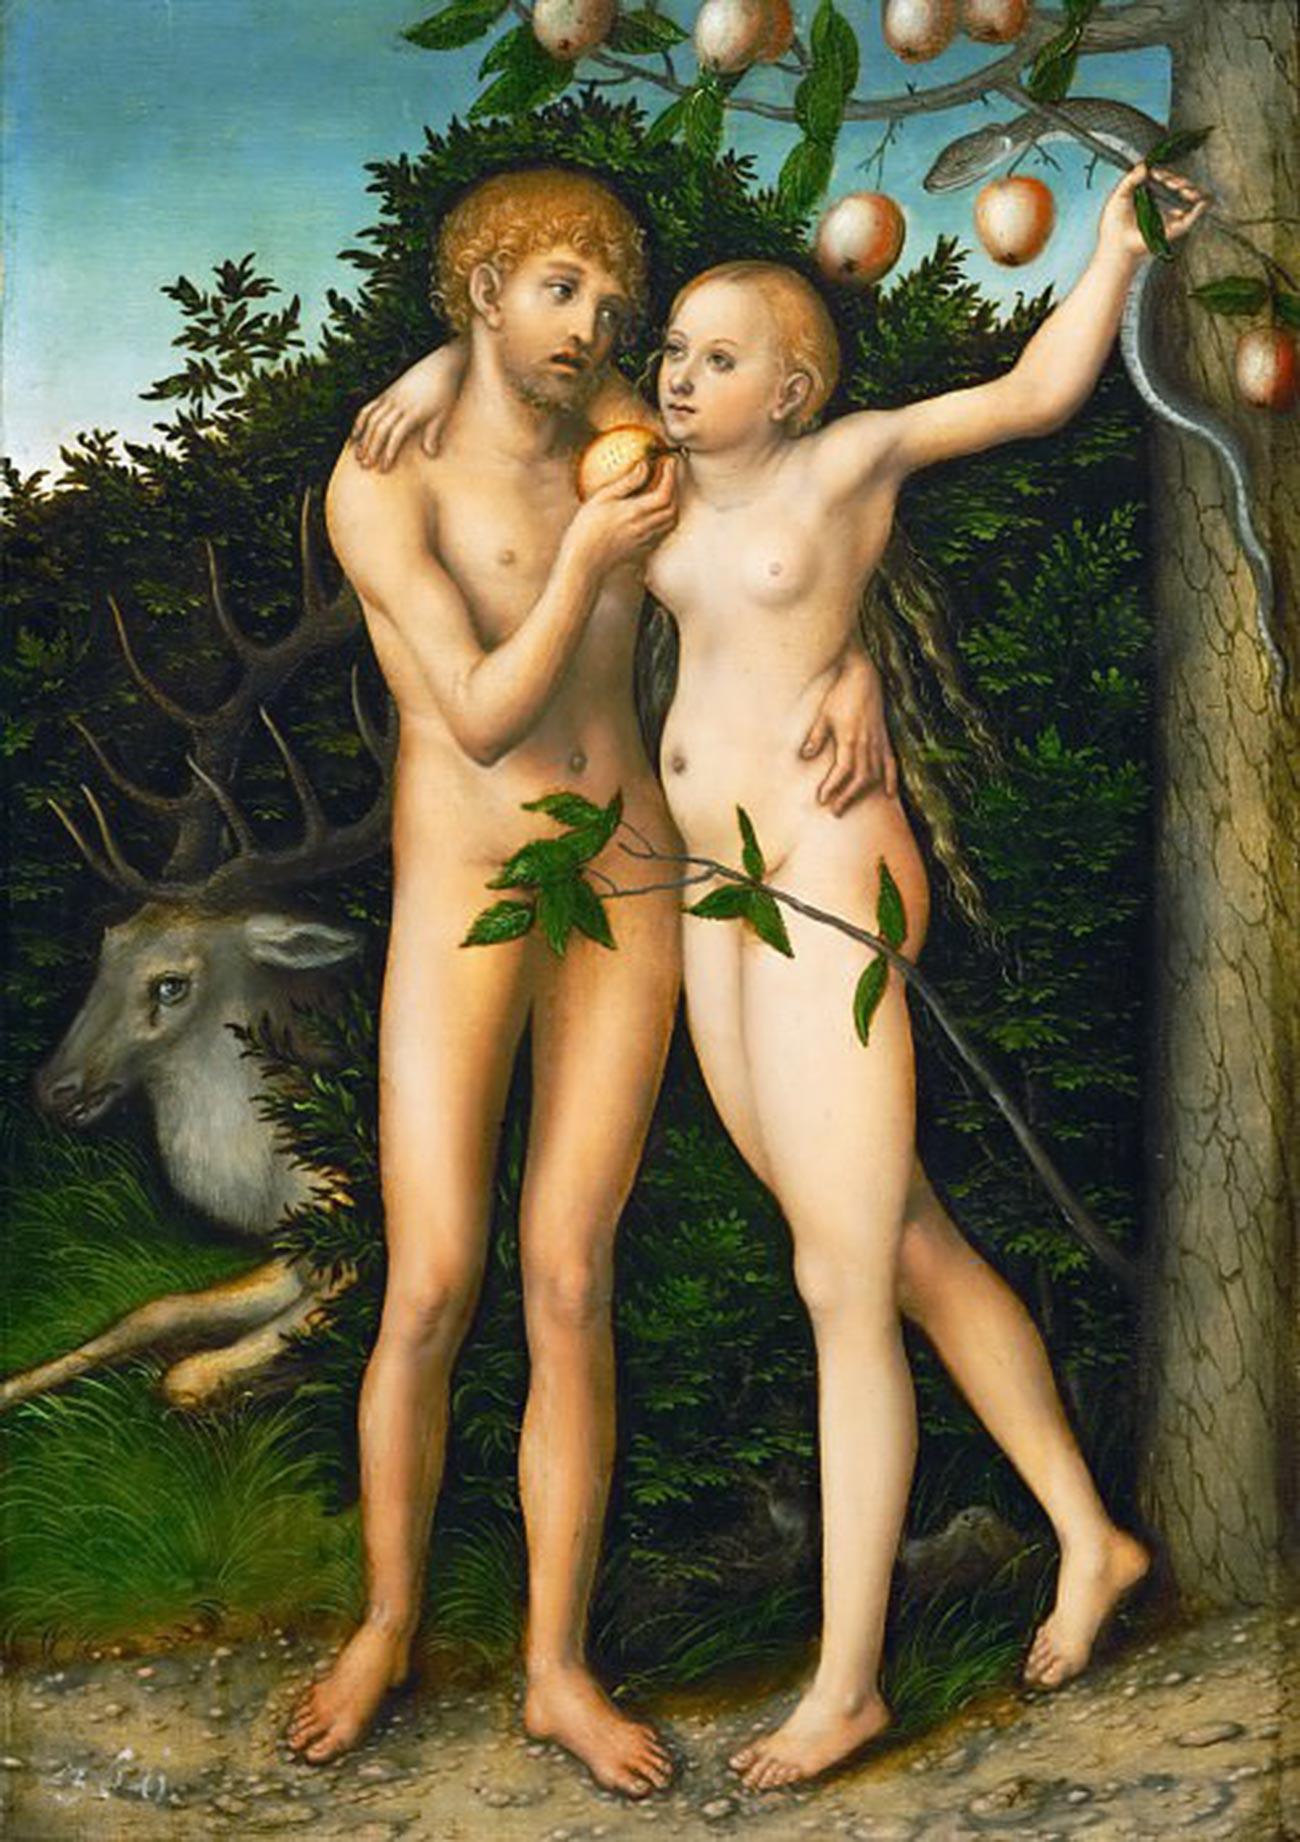 Adam et Ève au Paradis (La Chute), 1537